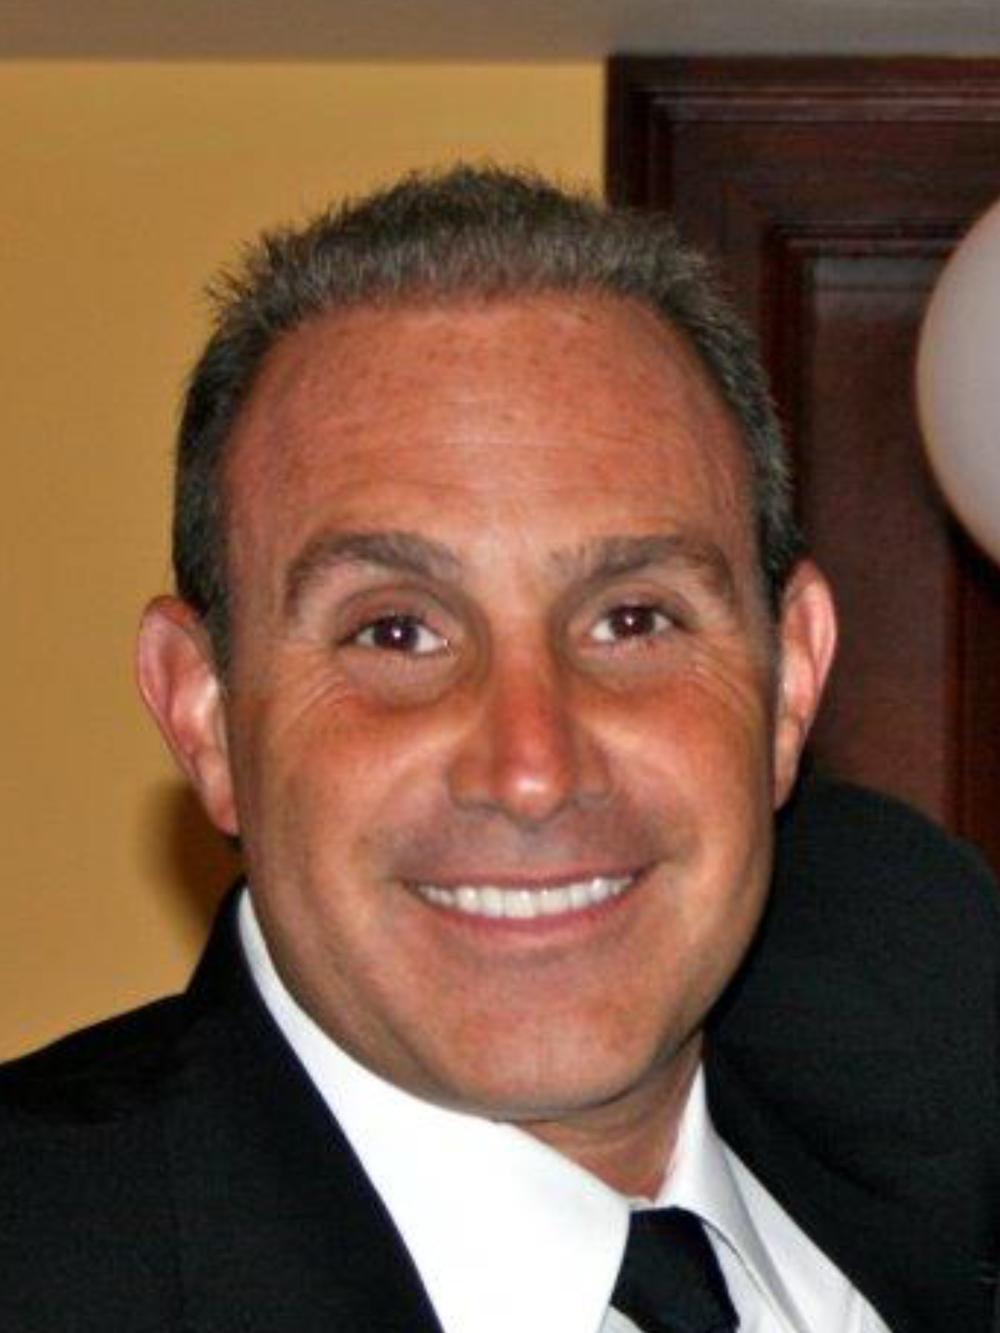 Jed Kaplan